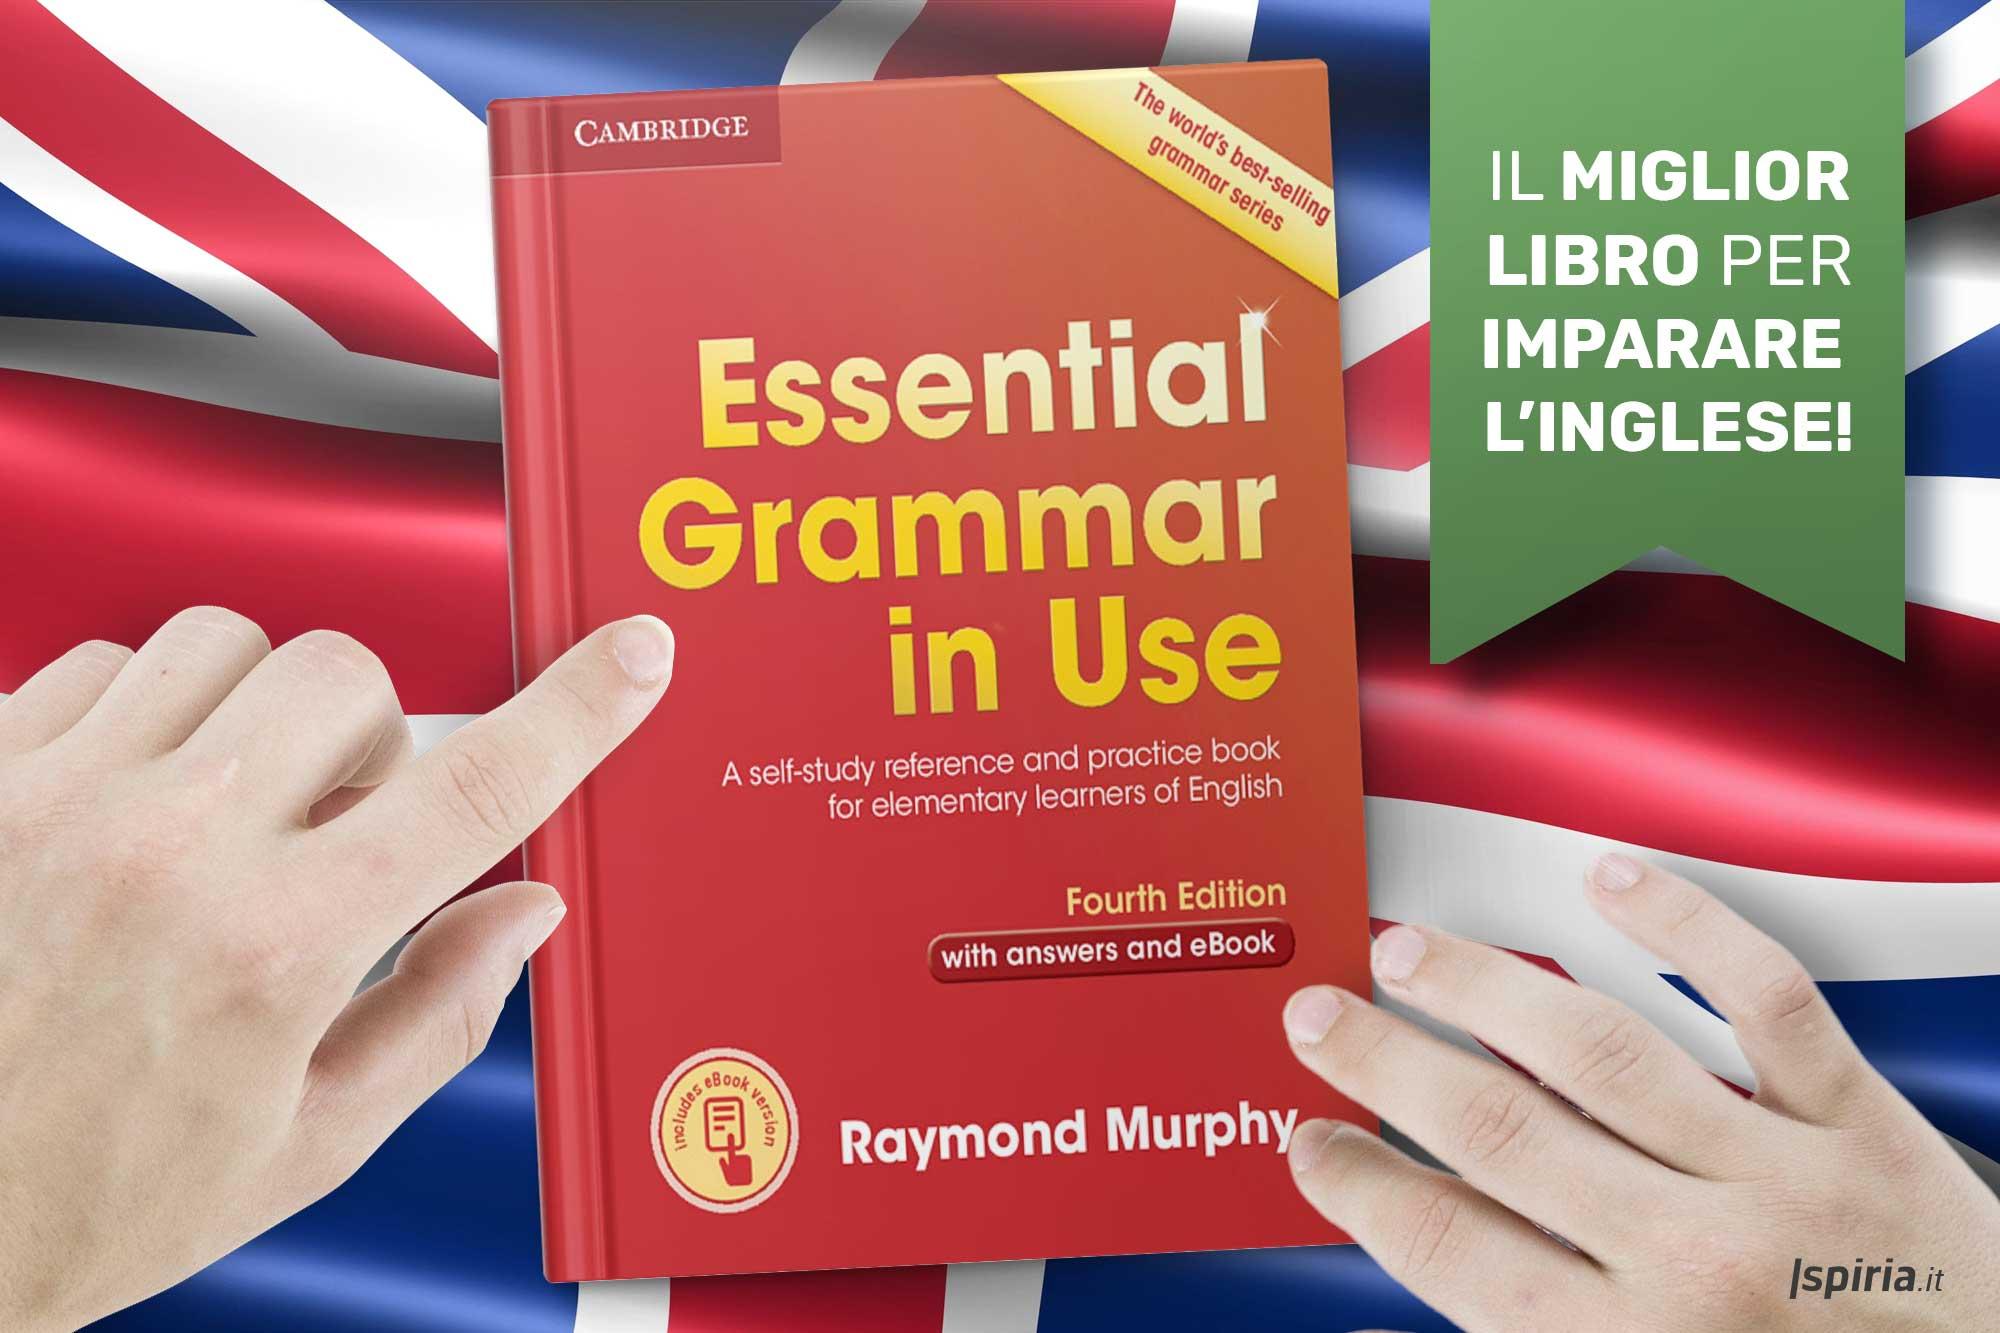 essential grammar in use miglior libro per imparare inglese grammatica